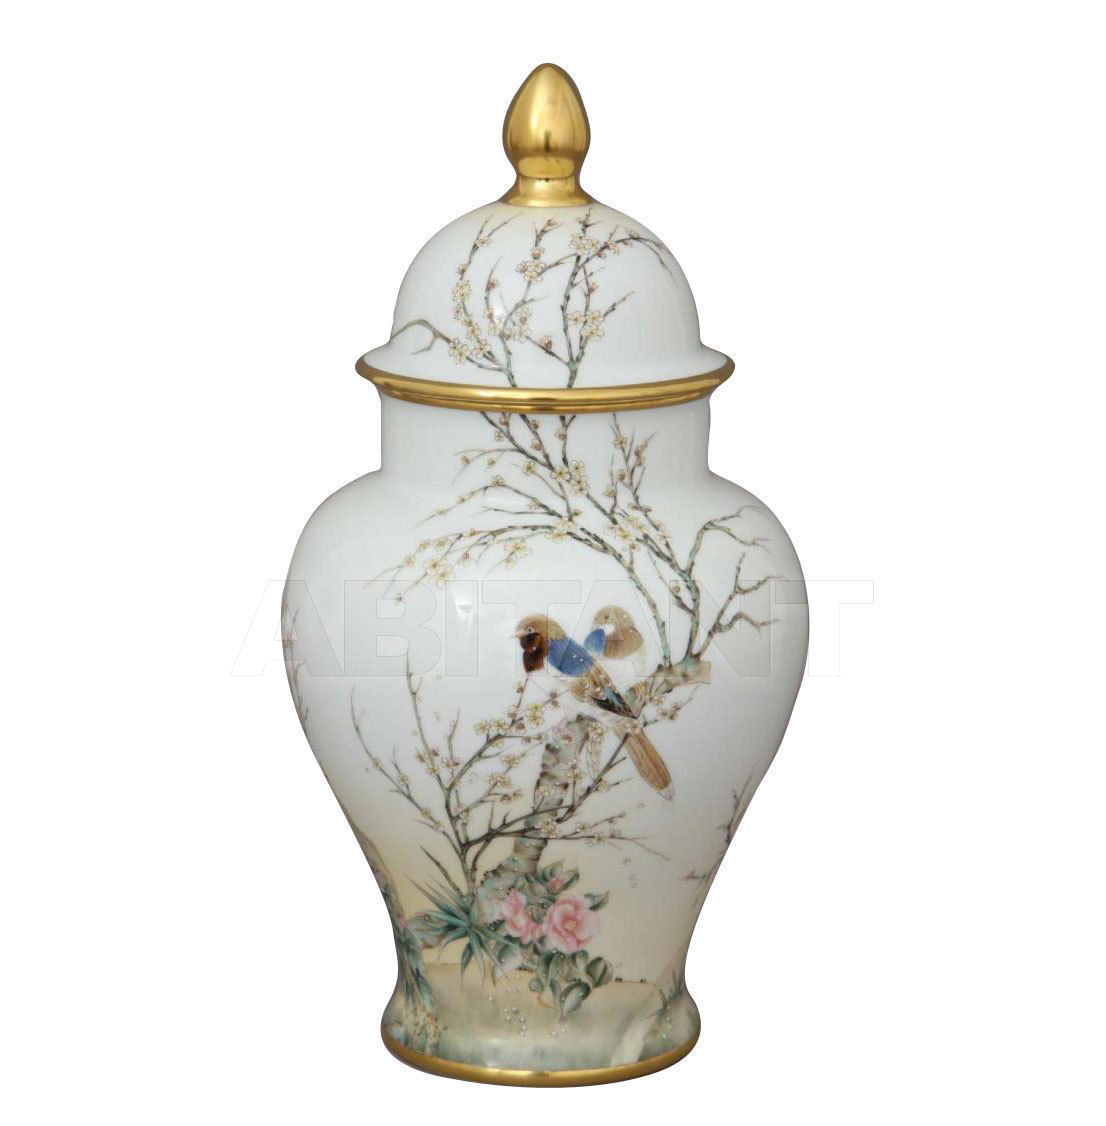 Купить     Ваза с крышкой, лимитированный выпуск Herend Porcelain Manufactory Ltd. 06572015SP860-A